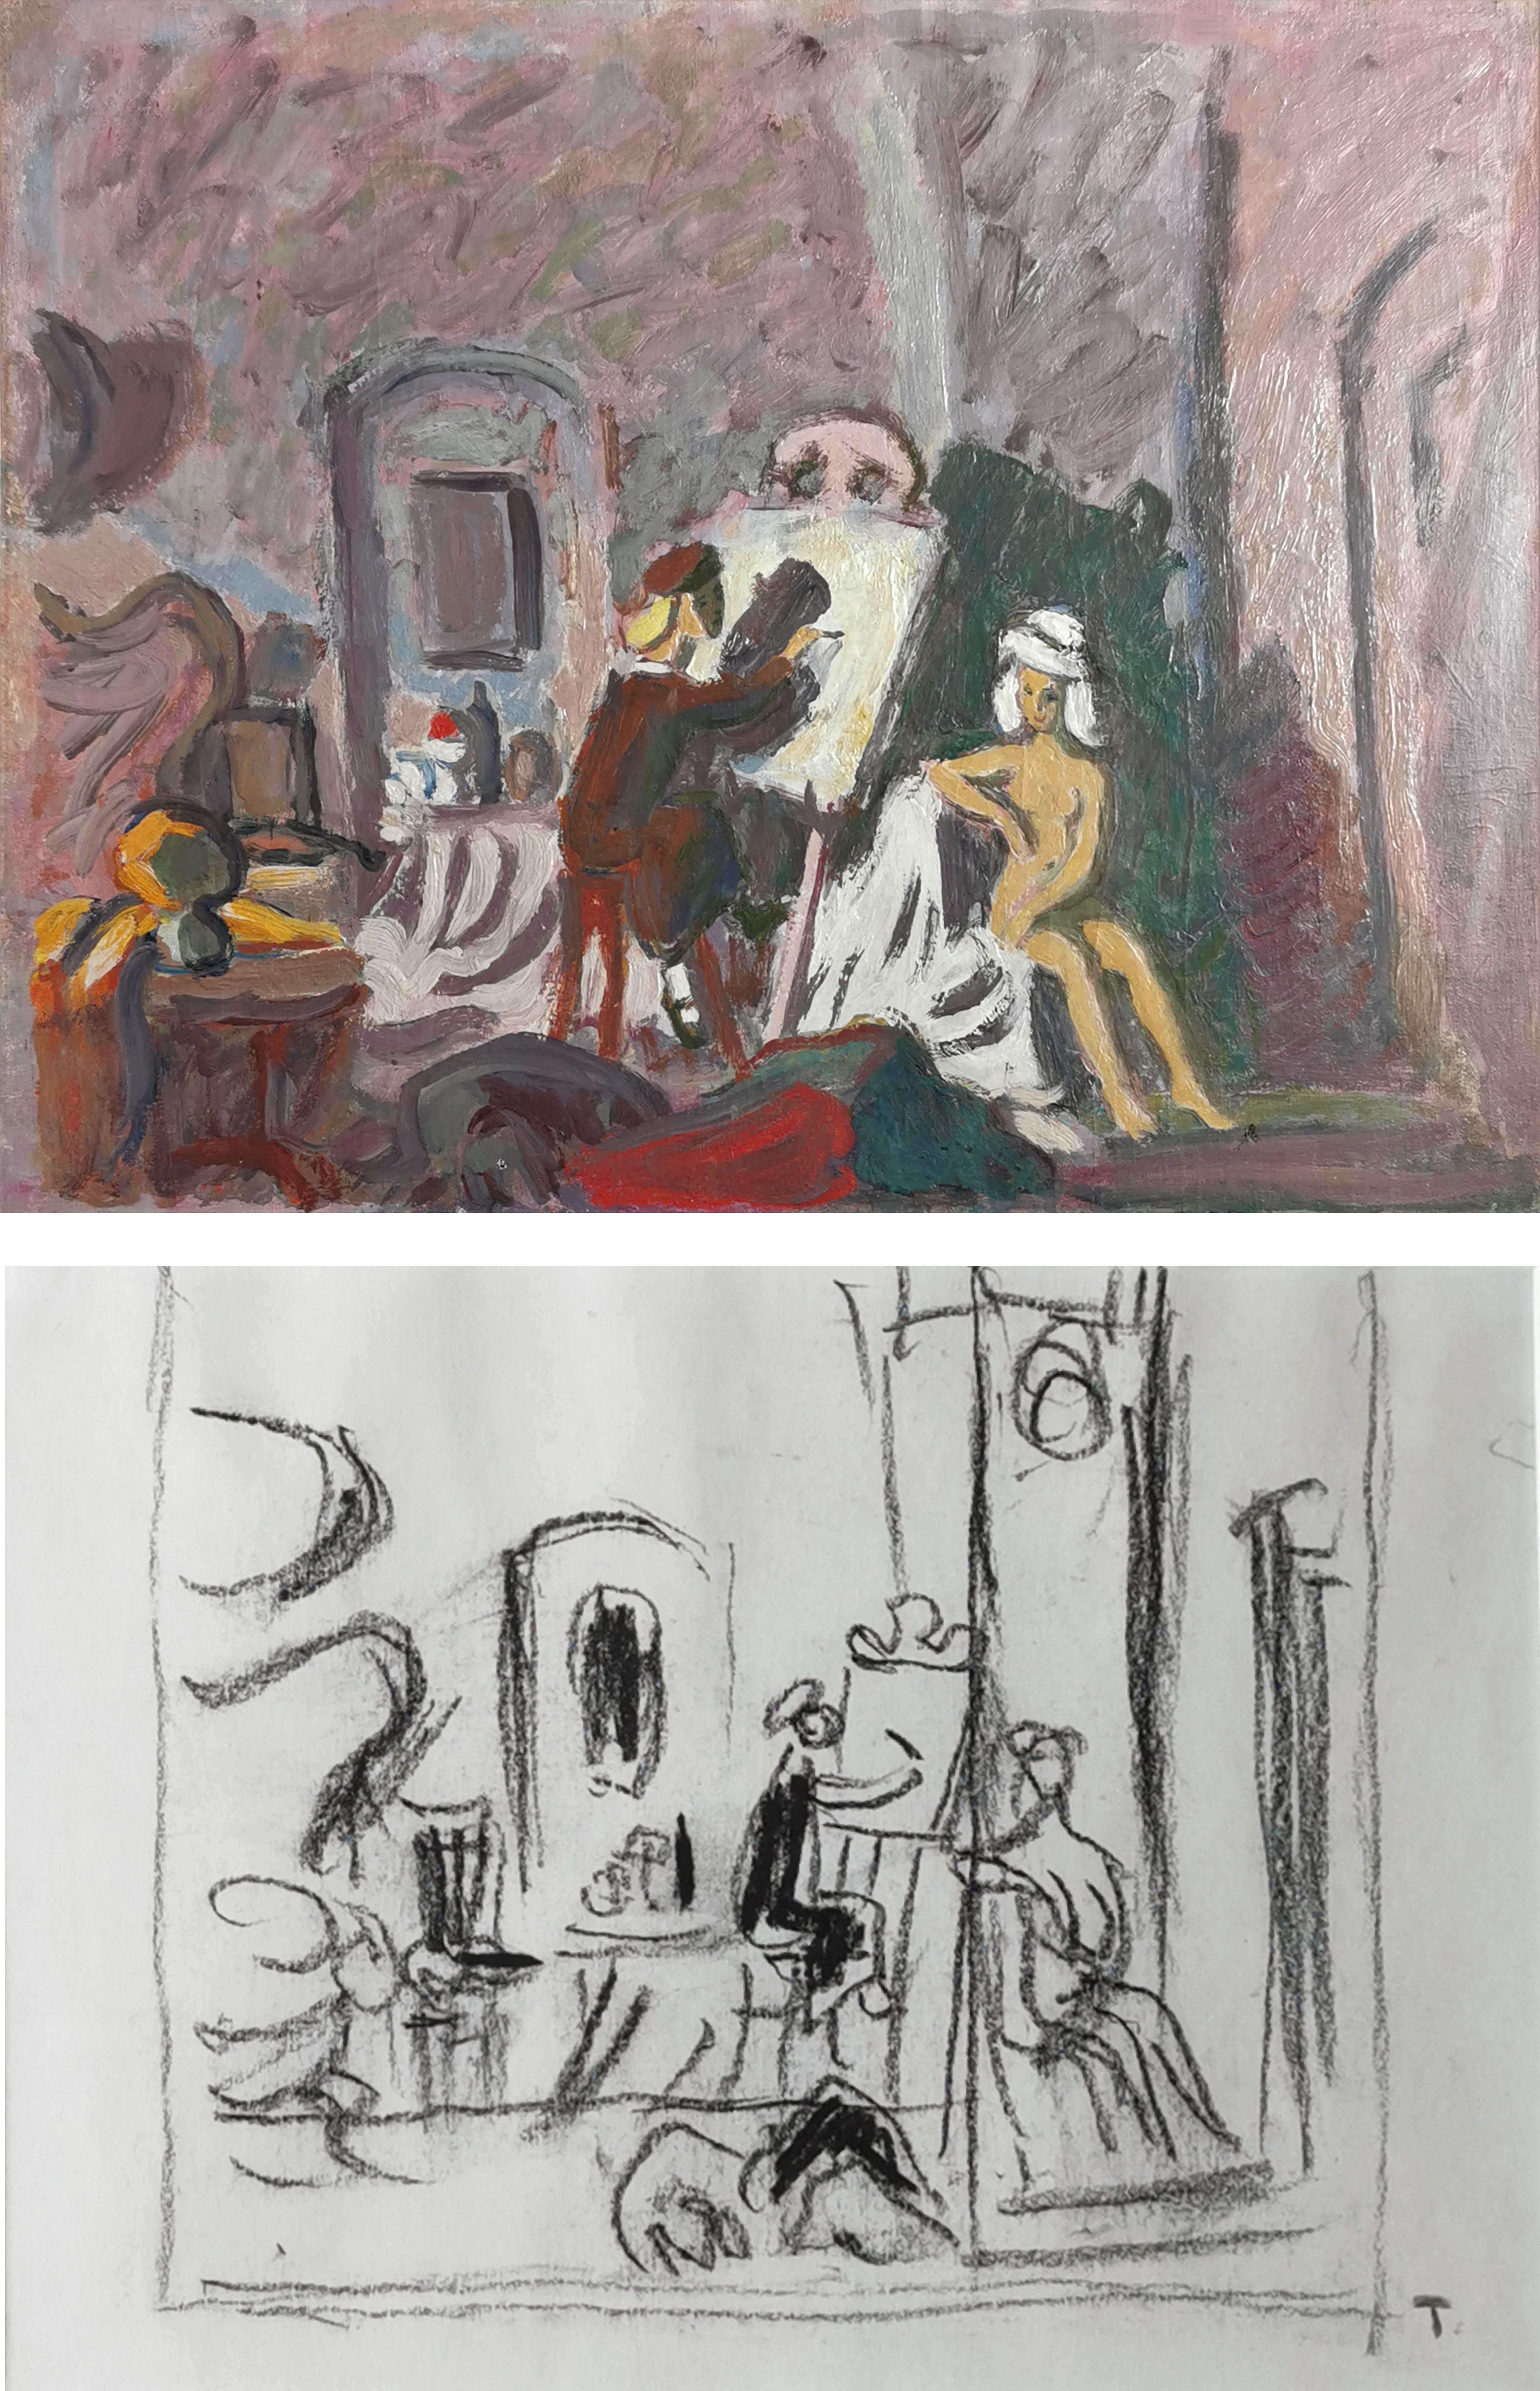 Mała malarka - obraz wraz ze szkicem do obrazu